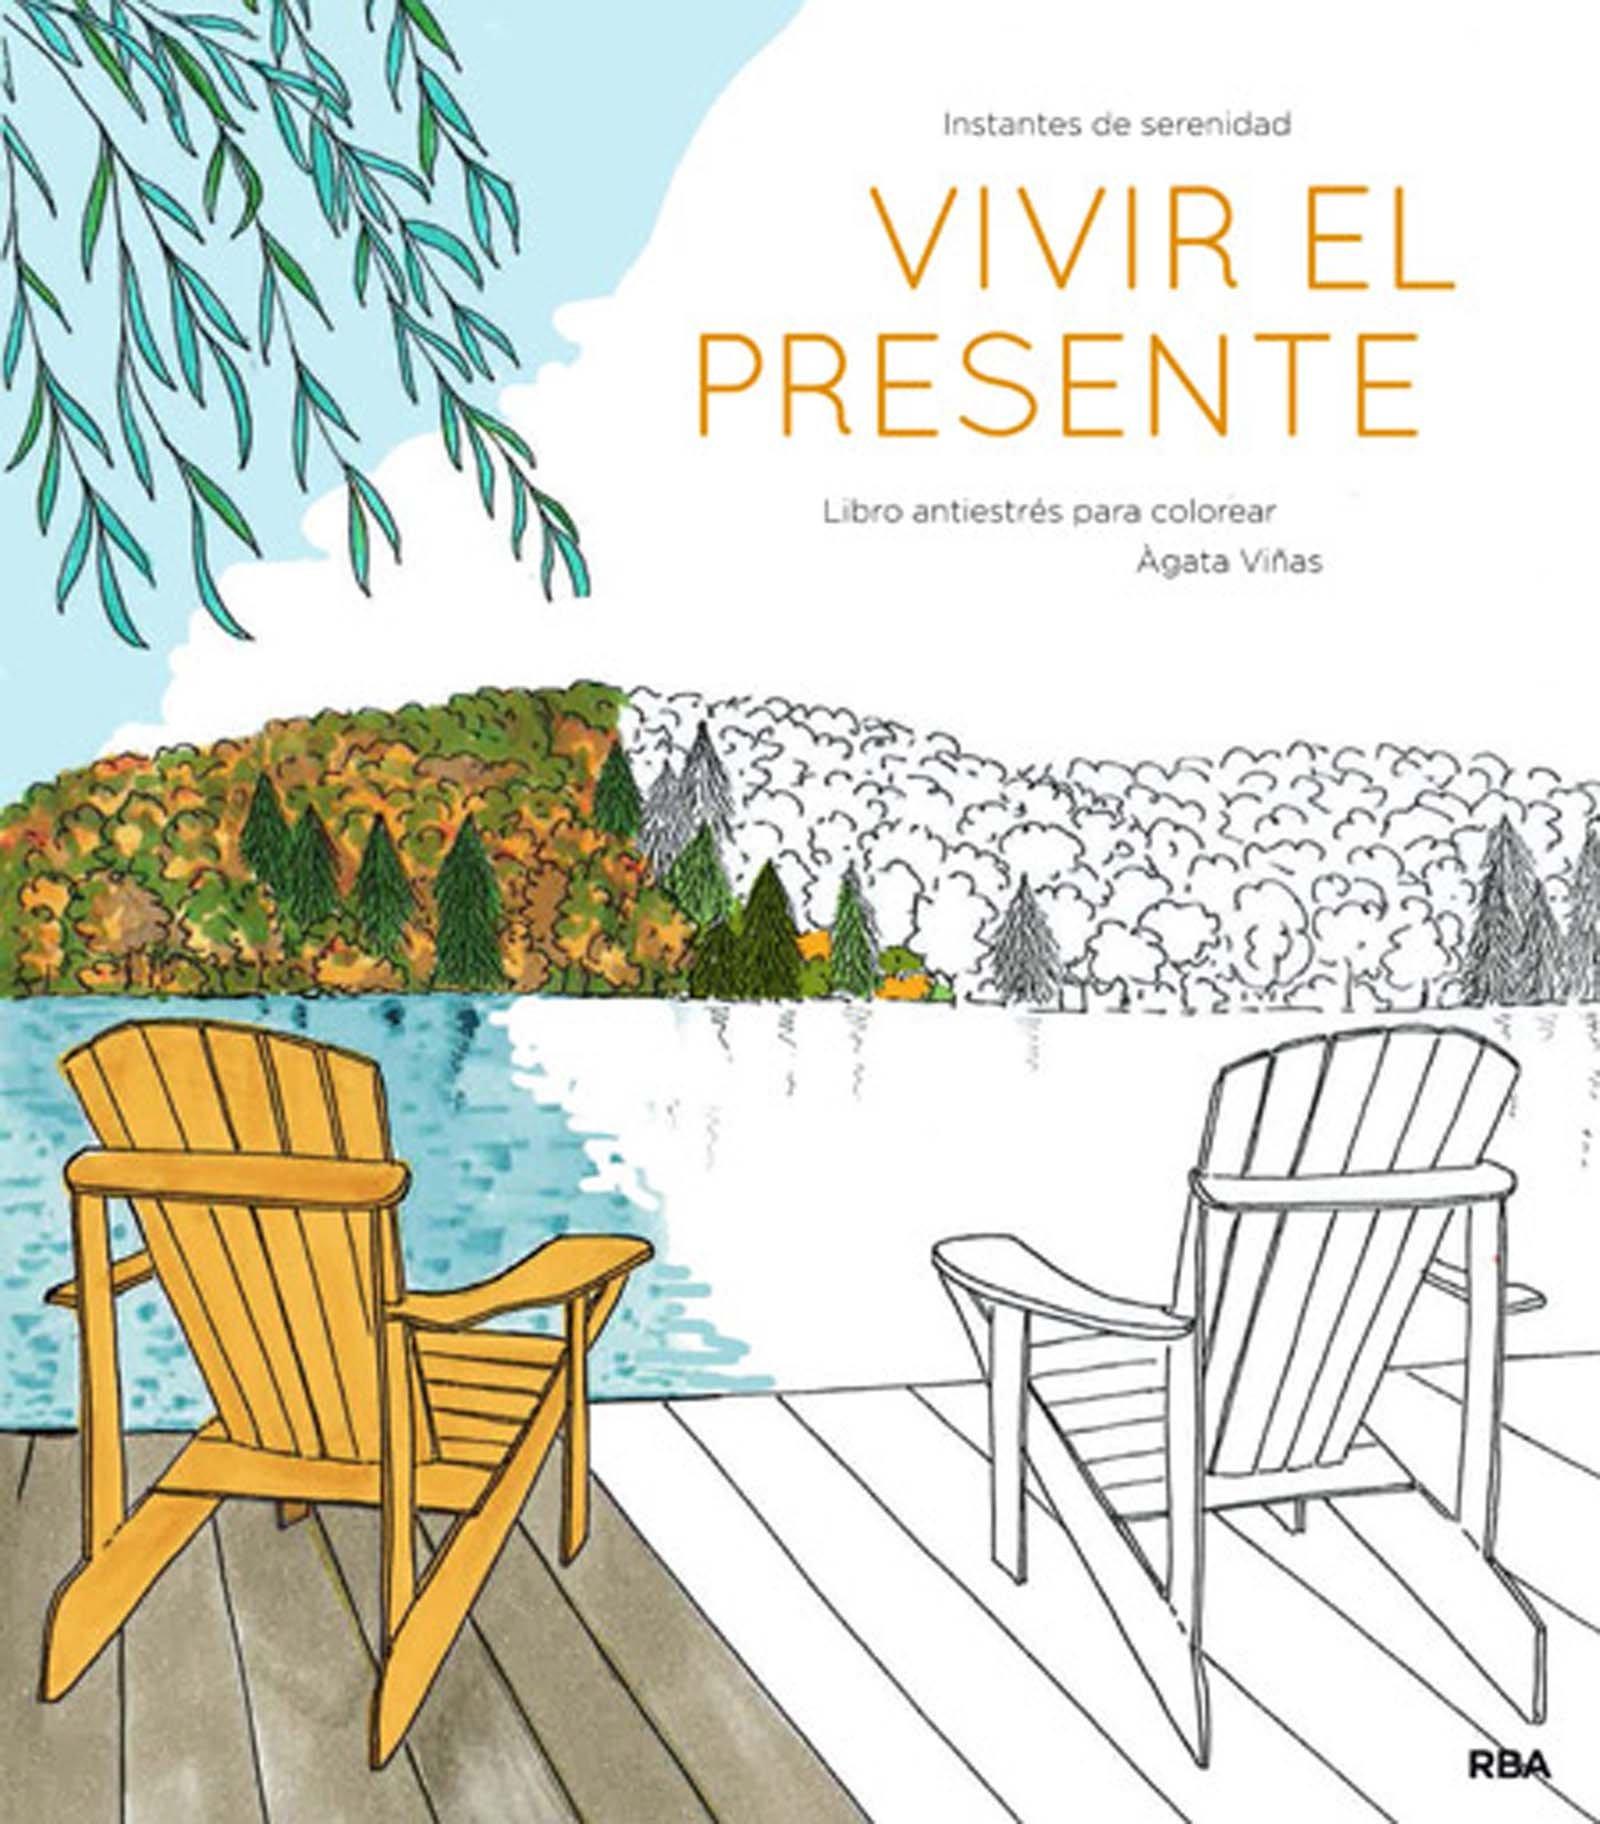 Vivir el presente: Un libro antiestrés para colorear PRACTICA ...